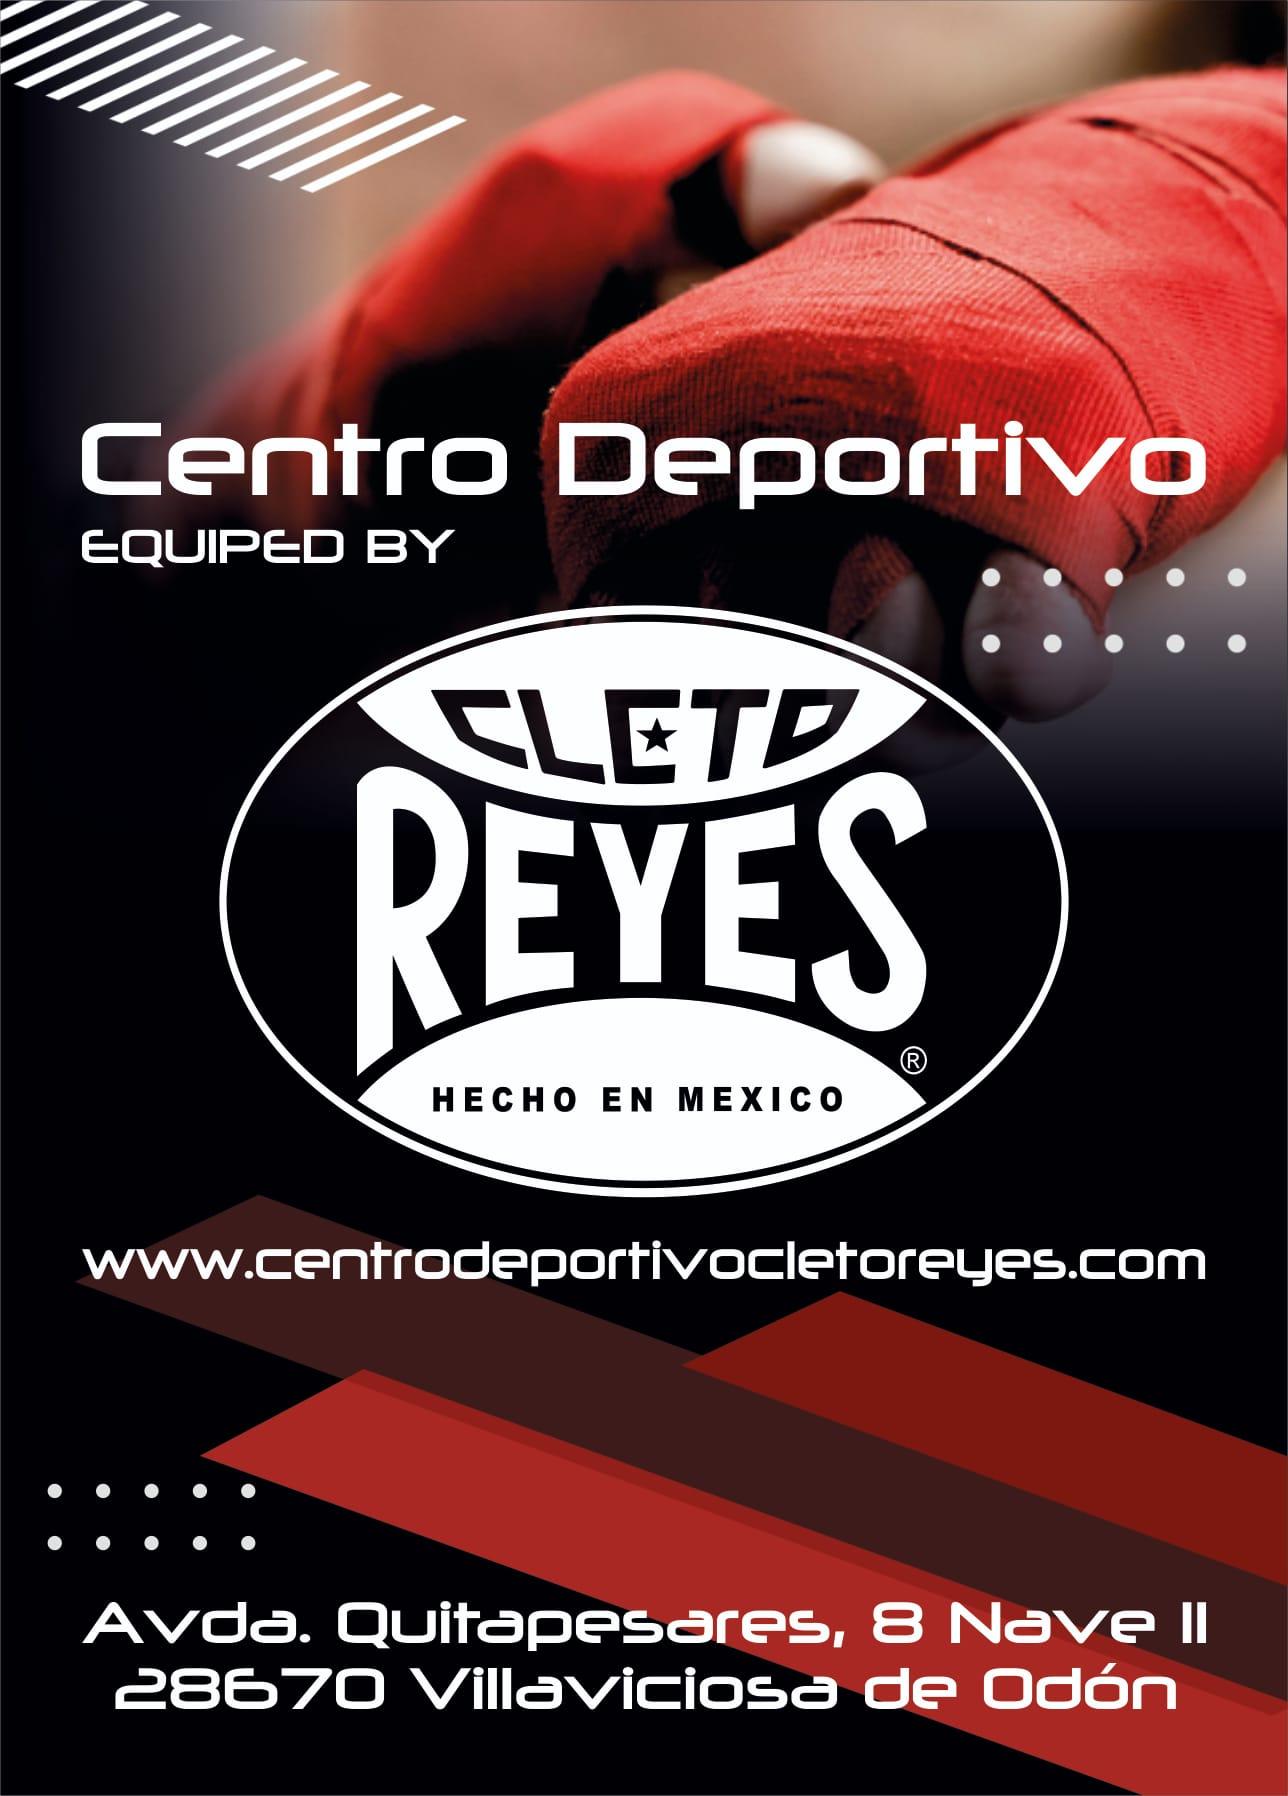 Centro Deportivo Cleto Reyes